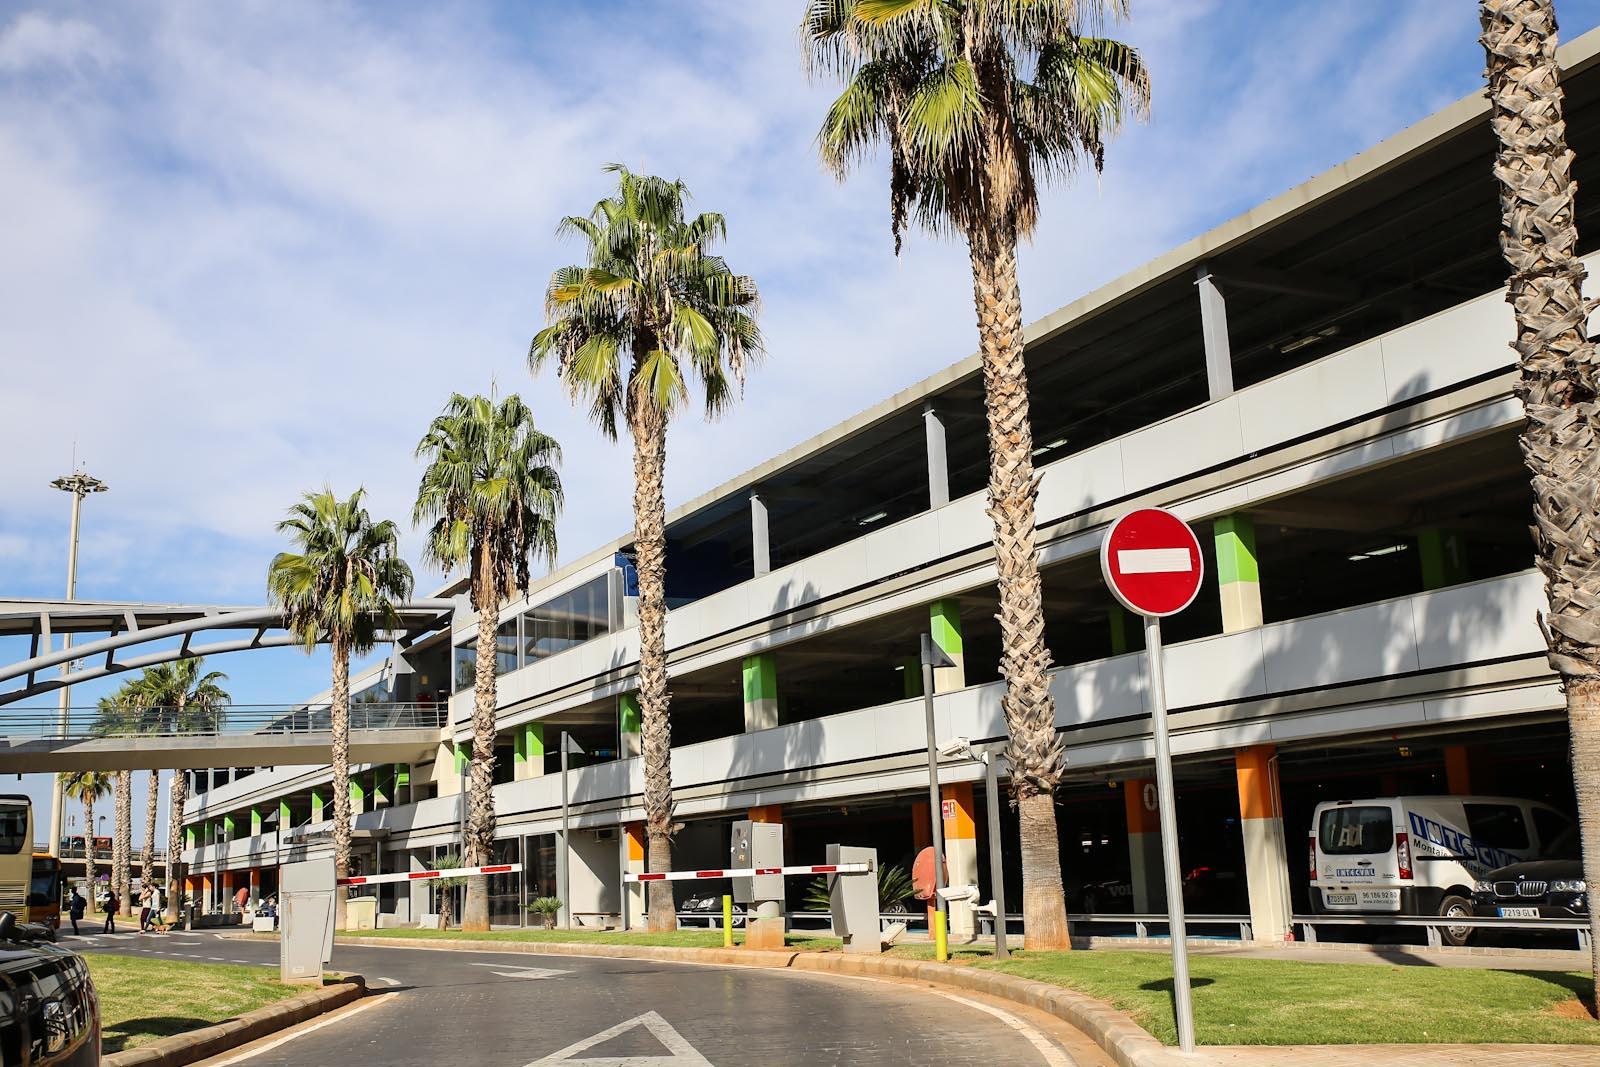 Многоуровневая автомобильная парковка в аэропорту Валенсия